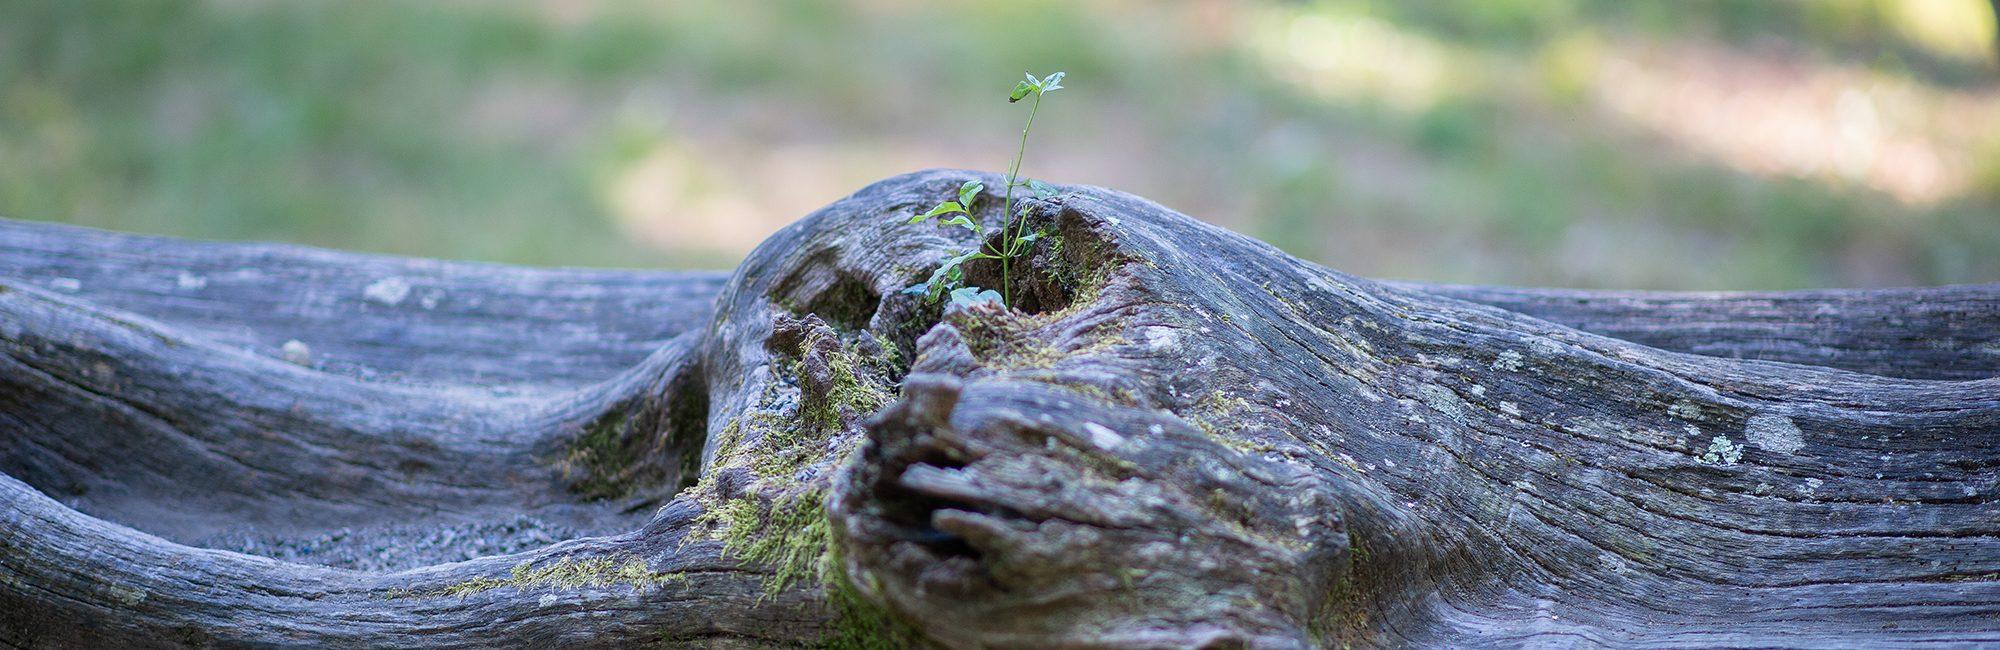 185bibos-bienestar-y-bosques-pivalbuena